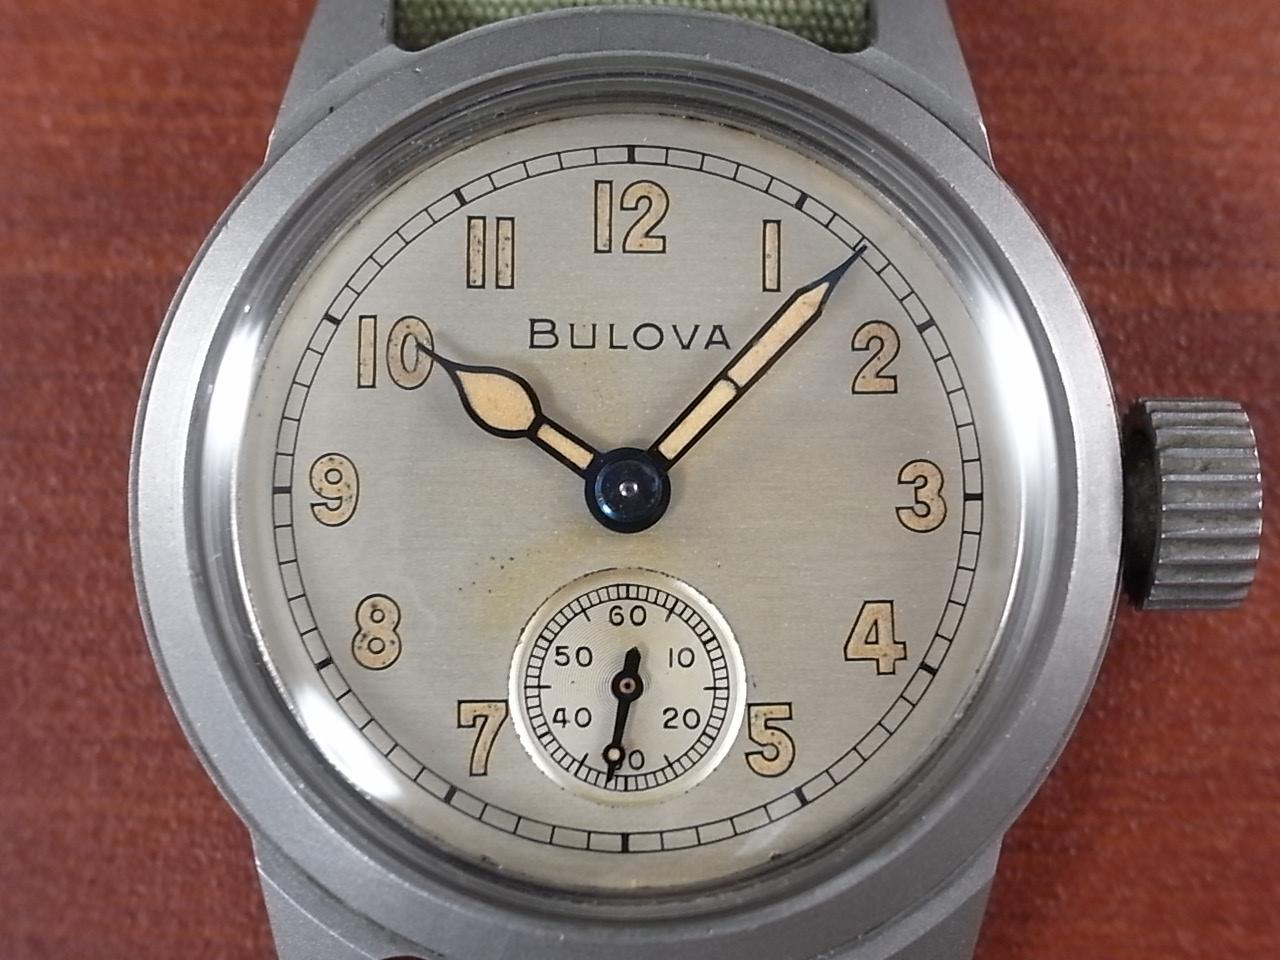 ブローバ 軍用時計 アメリカ陸軍 ホワイトダイアル 1940年代の写真2枚目